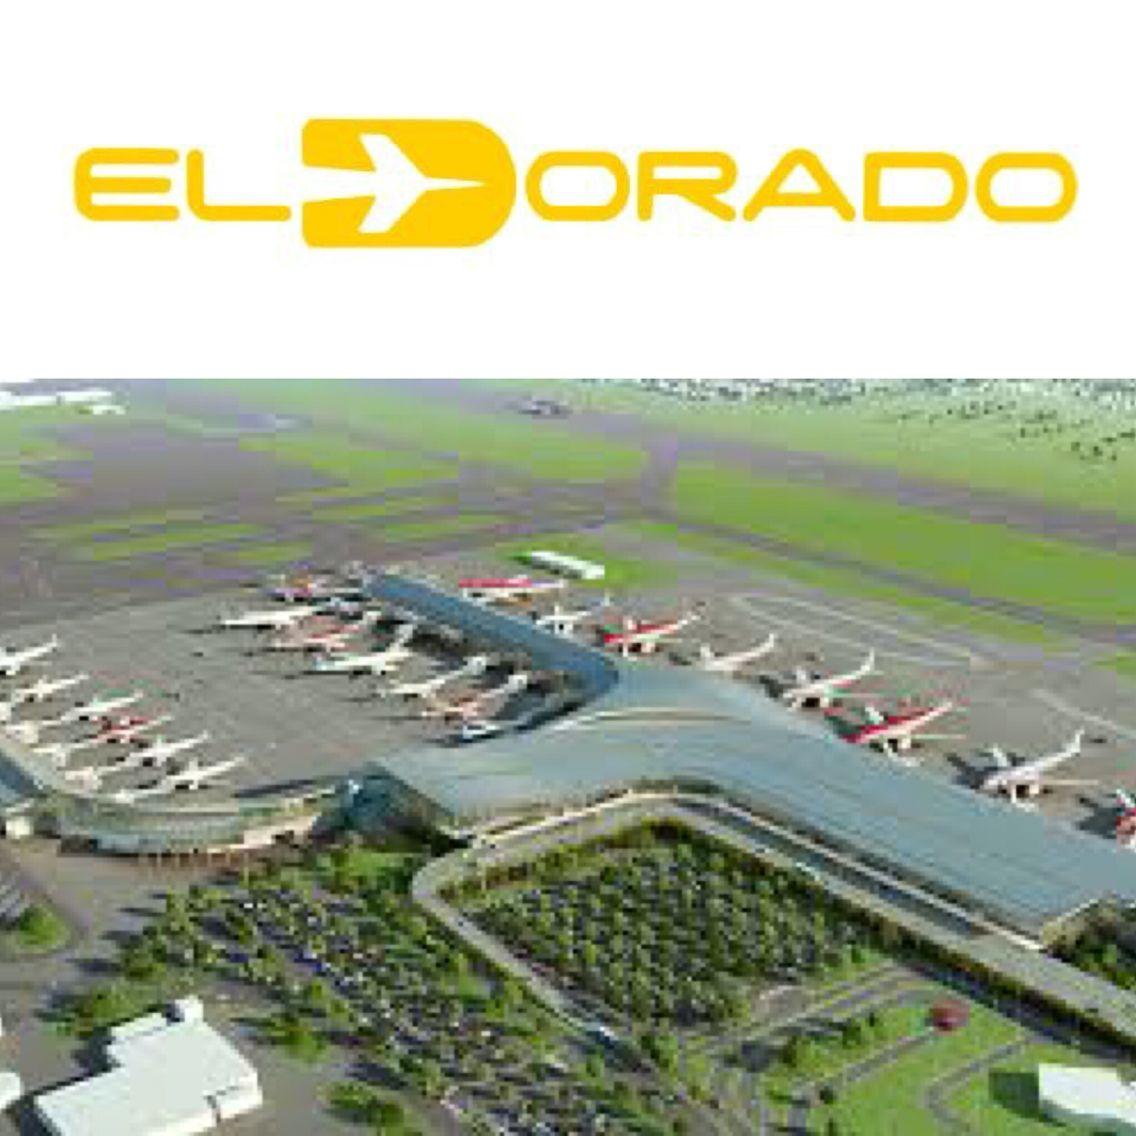 1959, Aeropuerto Internacional El Dorado, Bogotá Colombia #eldorado #bogota (623)